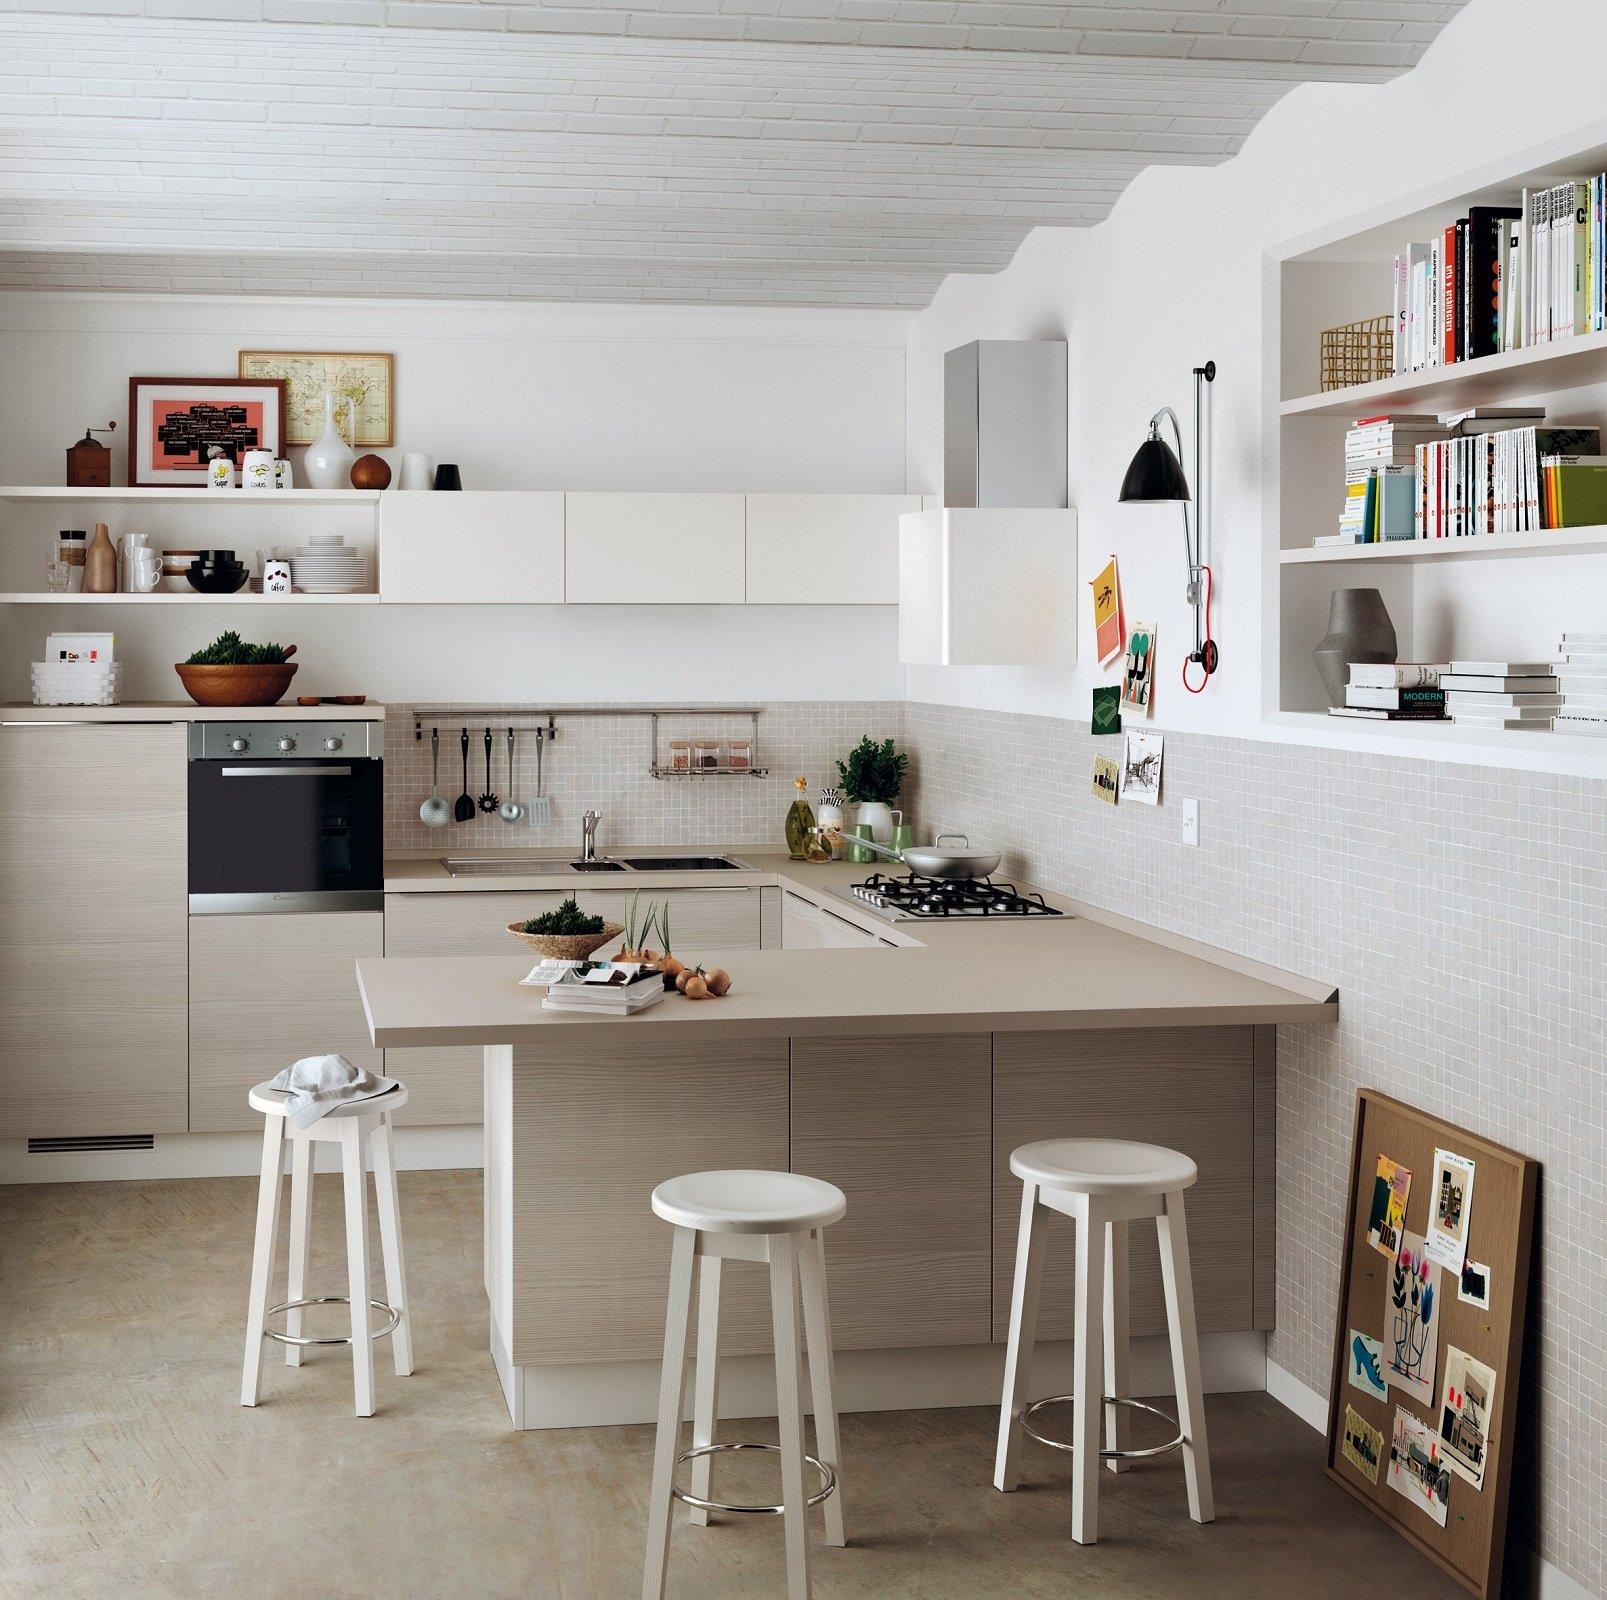 Edilbook Ristrutturazioni: Organizzare al meglio lo spazio cucina ...